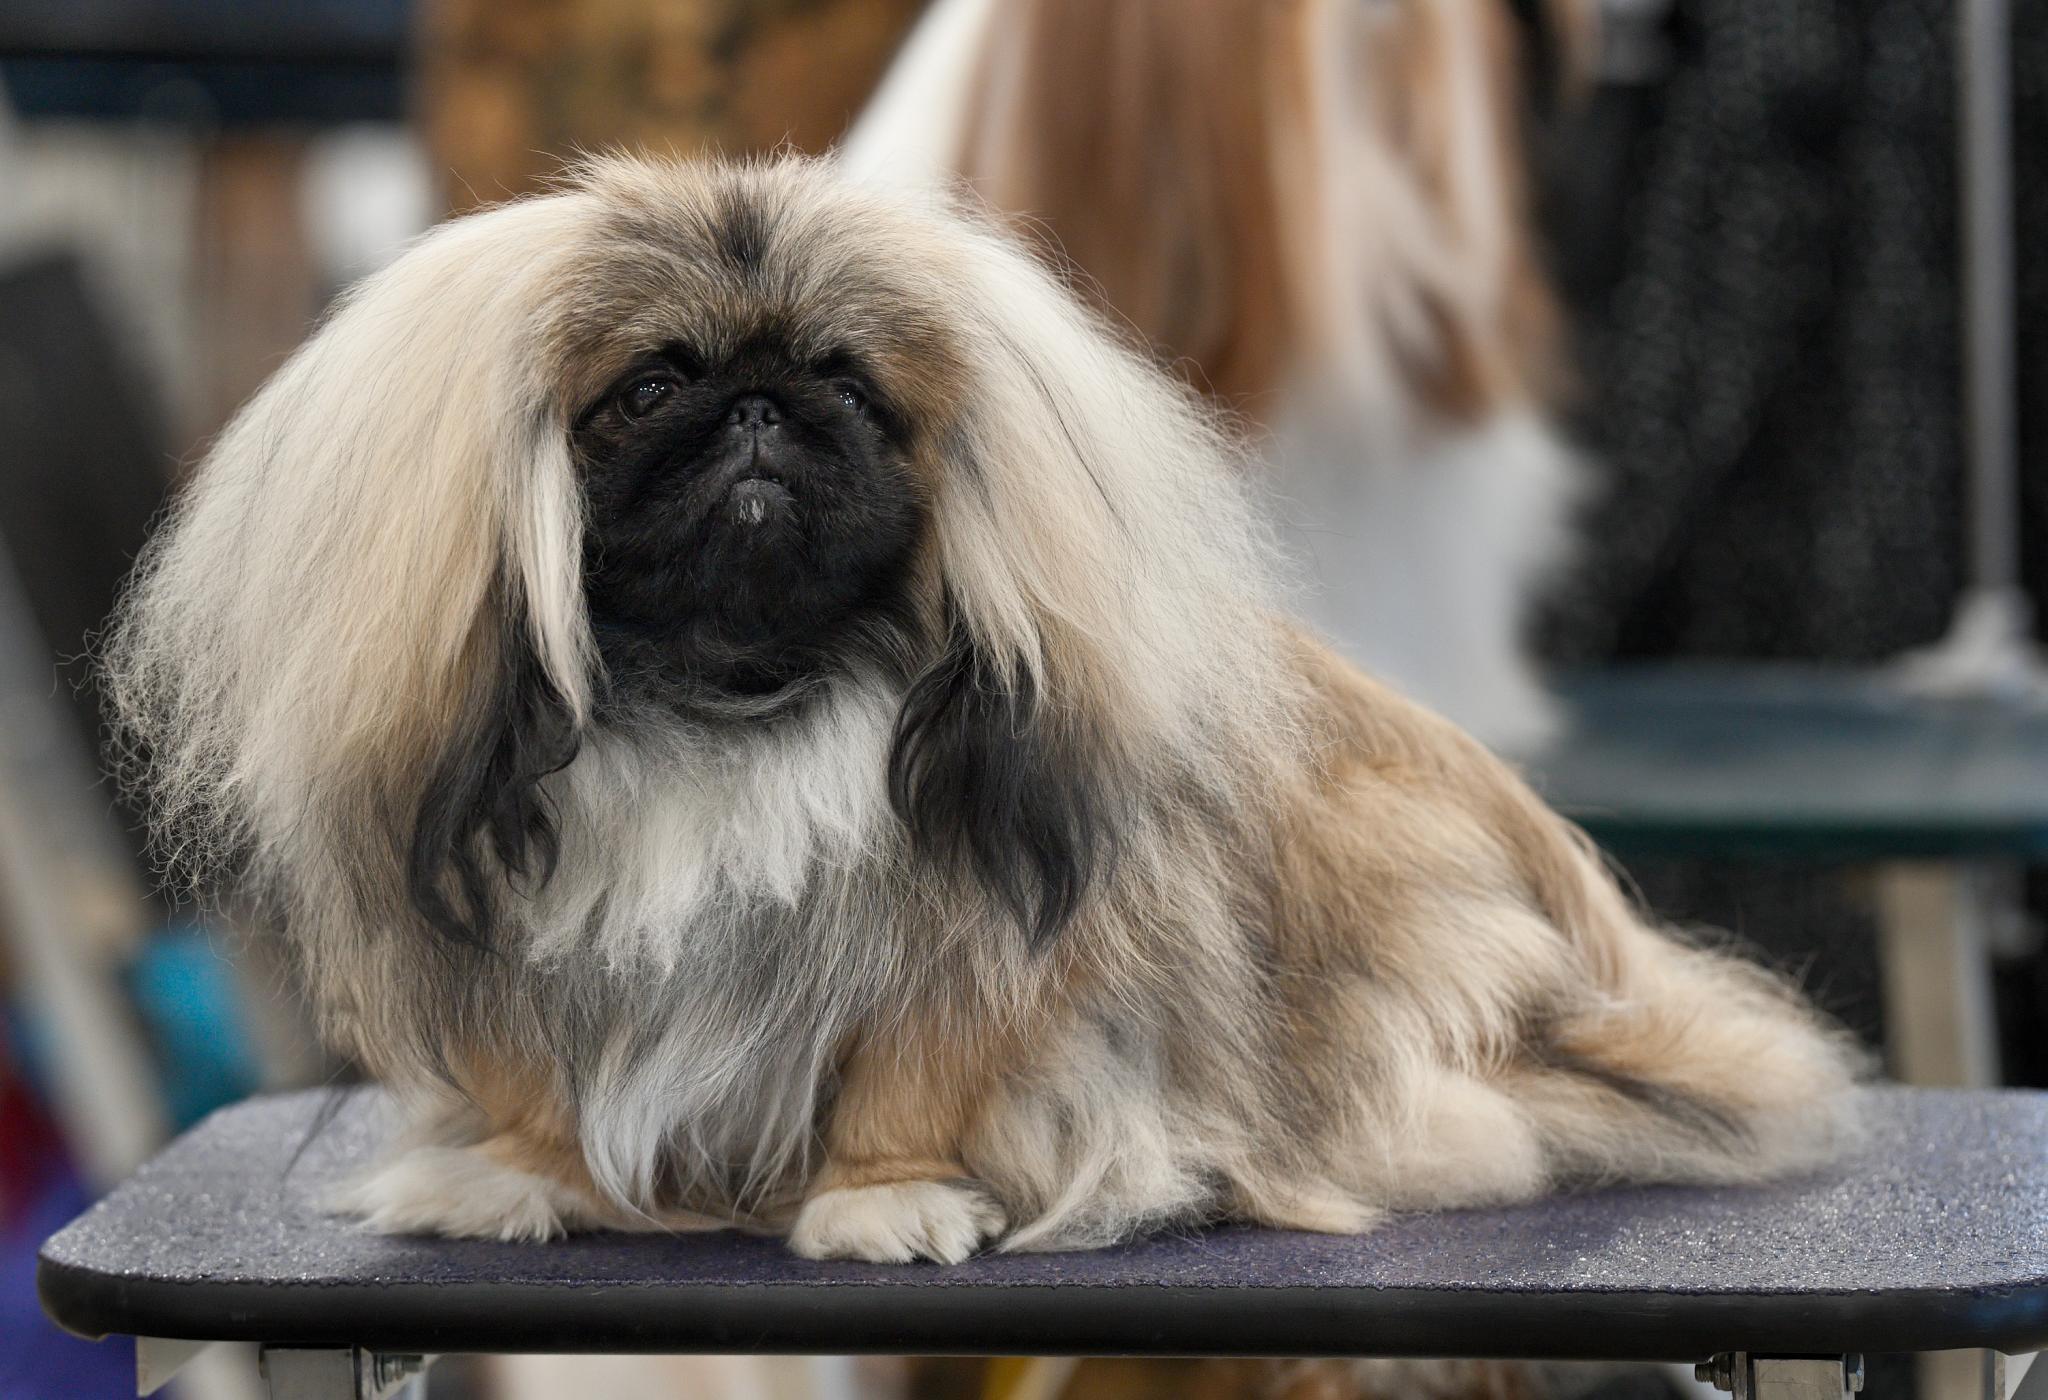 Mengenal Pekingese, Anjing Barongsai Imut Dari Cina